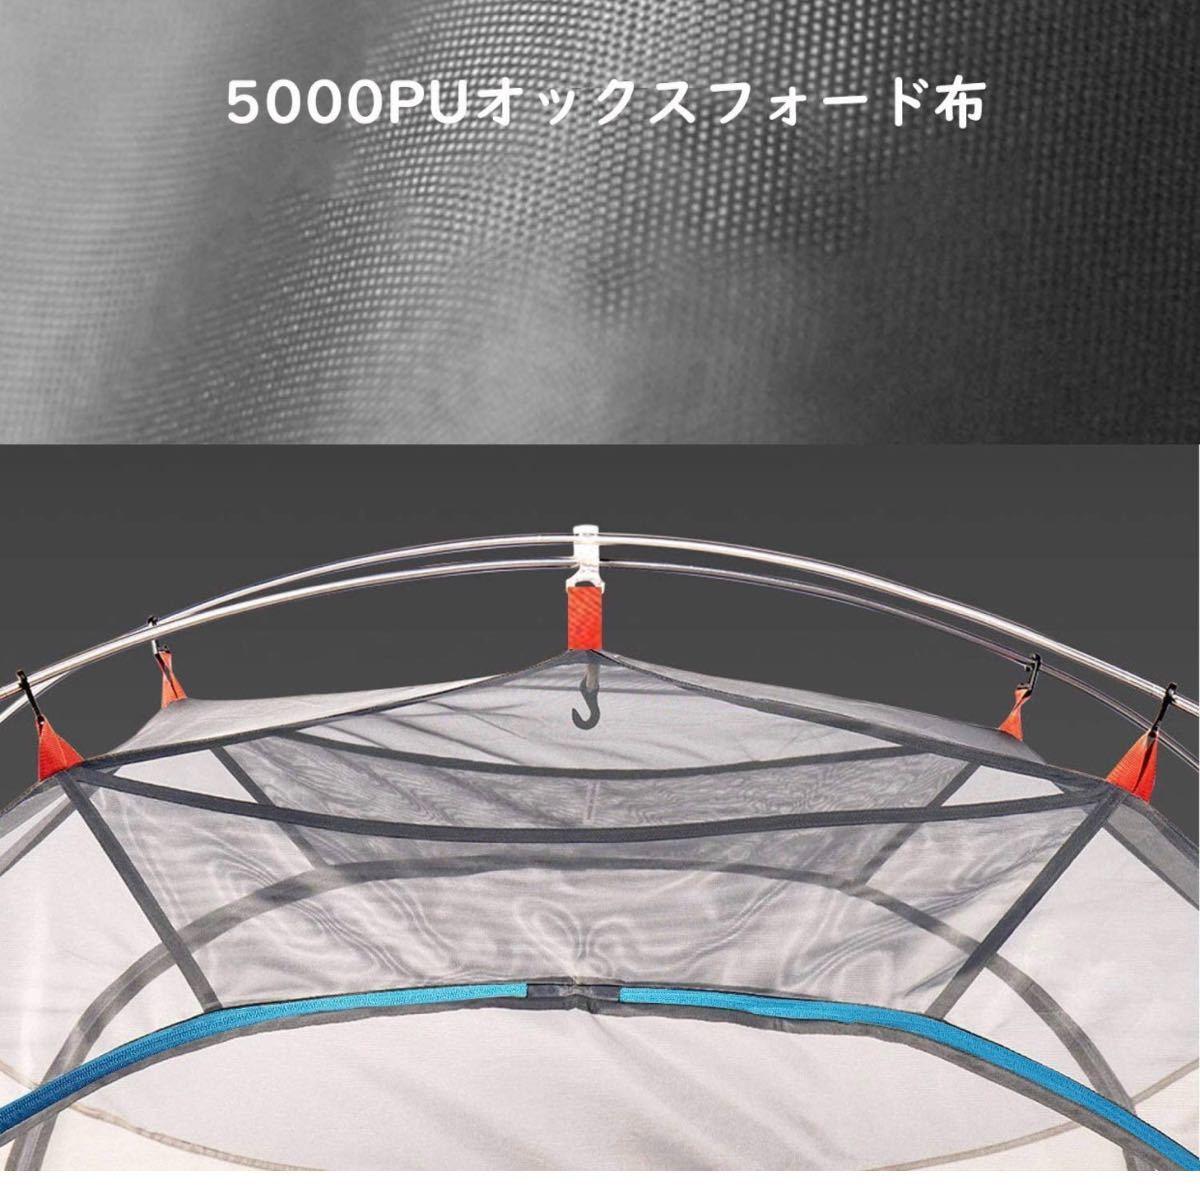 テント キャンプテント 2人用 自立 前室 4シーズン 二層デザイン超防風 超防水 PU3000mm/PU5000mm 超軽量 ツ